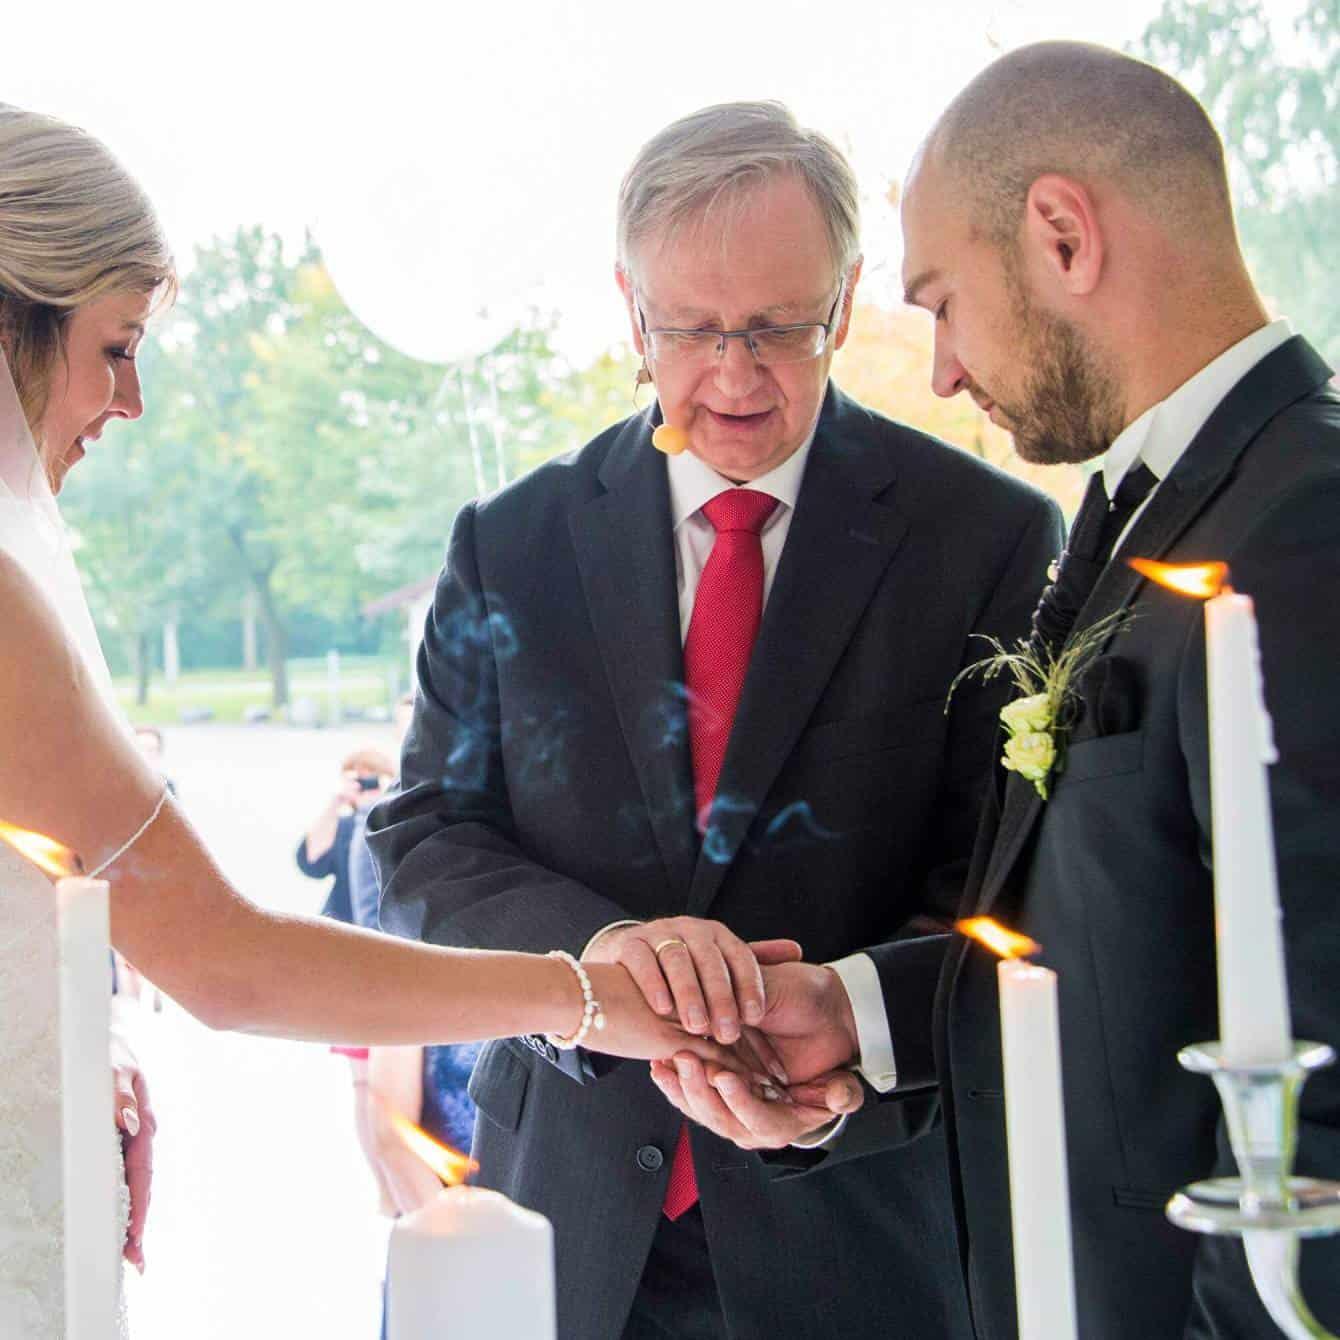 Die Ehe der Brautleute wird gesegnet